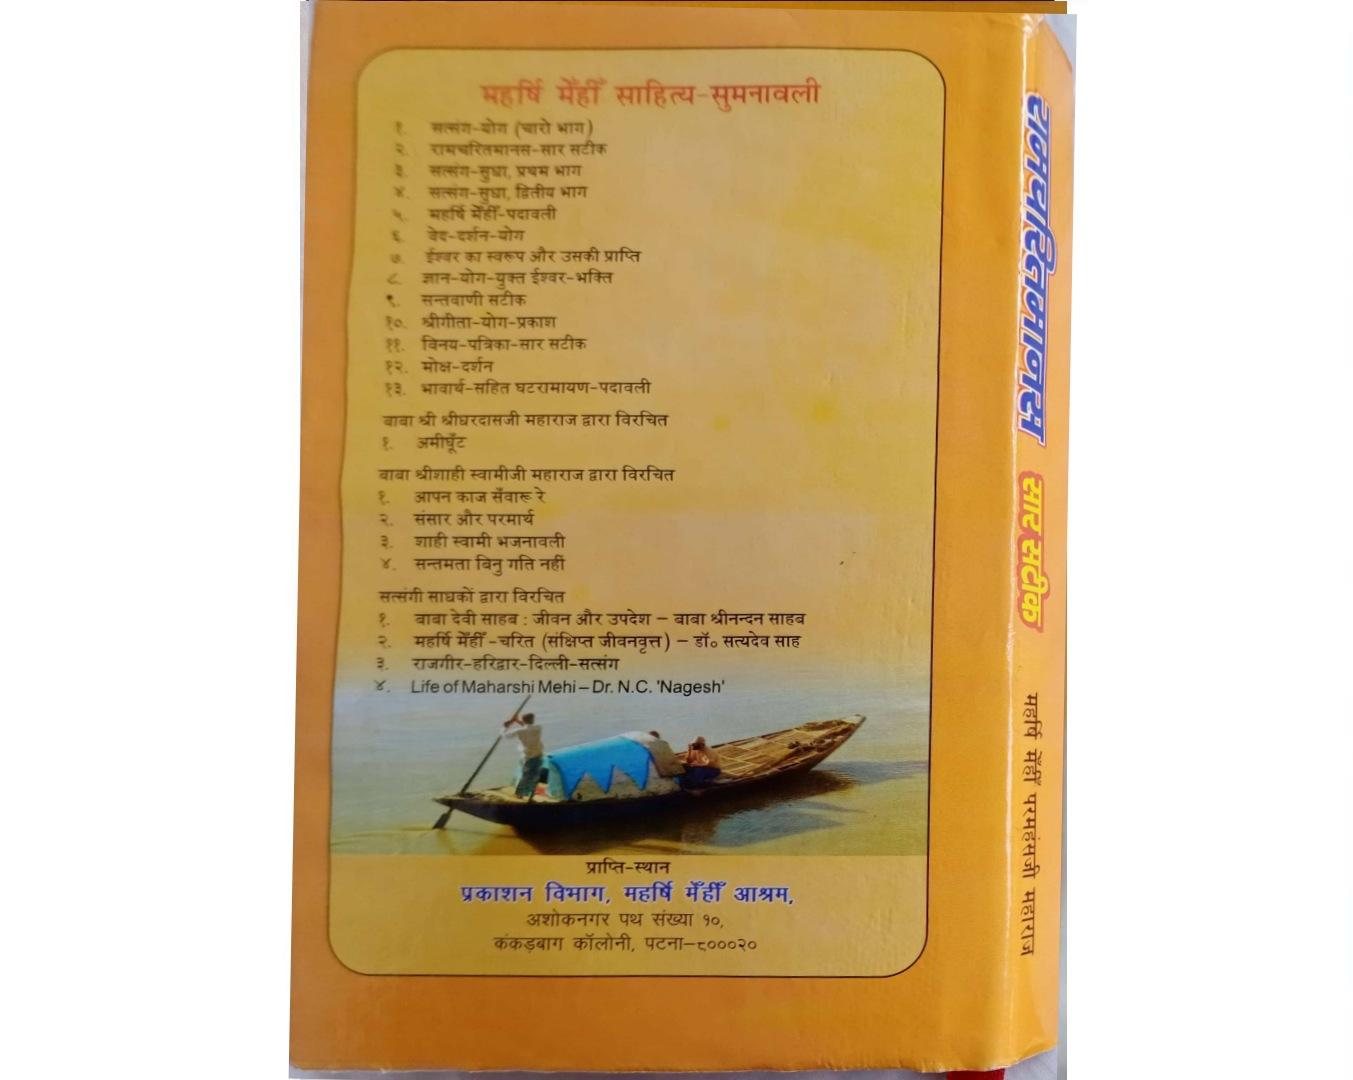 MS02, रामचरितमानस-सार सटीक ।। रामायण में गुप्त-योग से संबंधित वर्णन और व्याख्या की पुस्तक